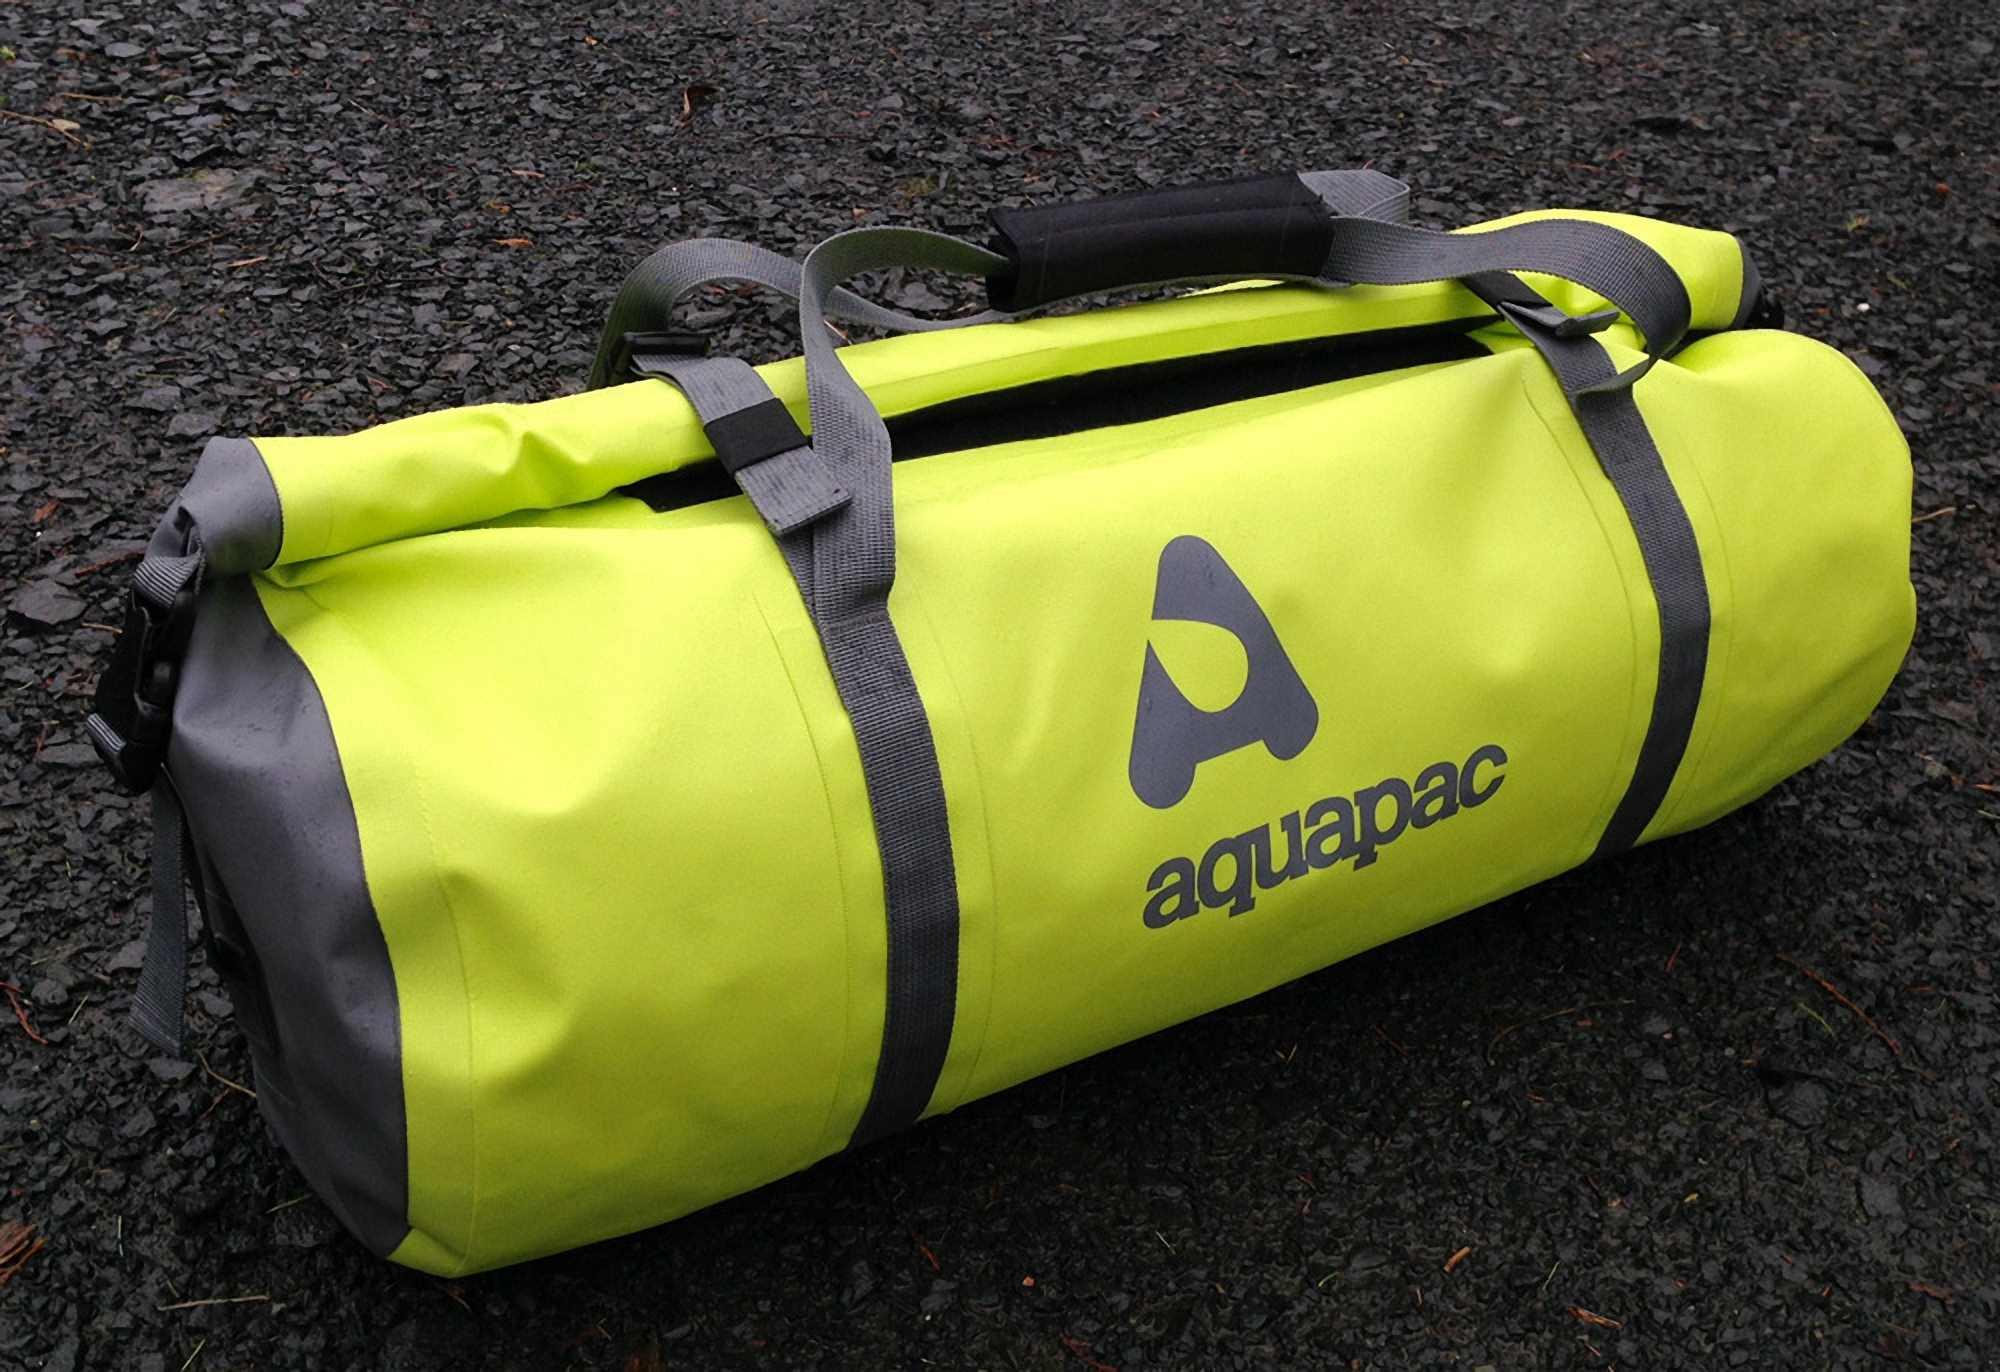 Водонепроницаемая сумка Aquapac 721 - TrailProof Duffels - 40L.. Aquapac - №1 в мире водонепроницаемых чехлов и сумок. Фото 1